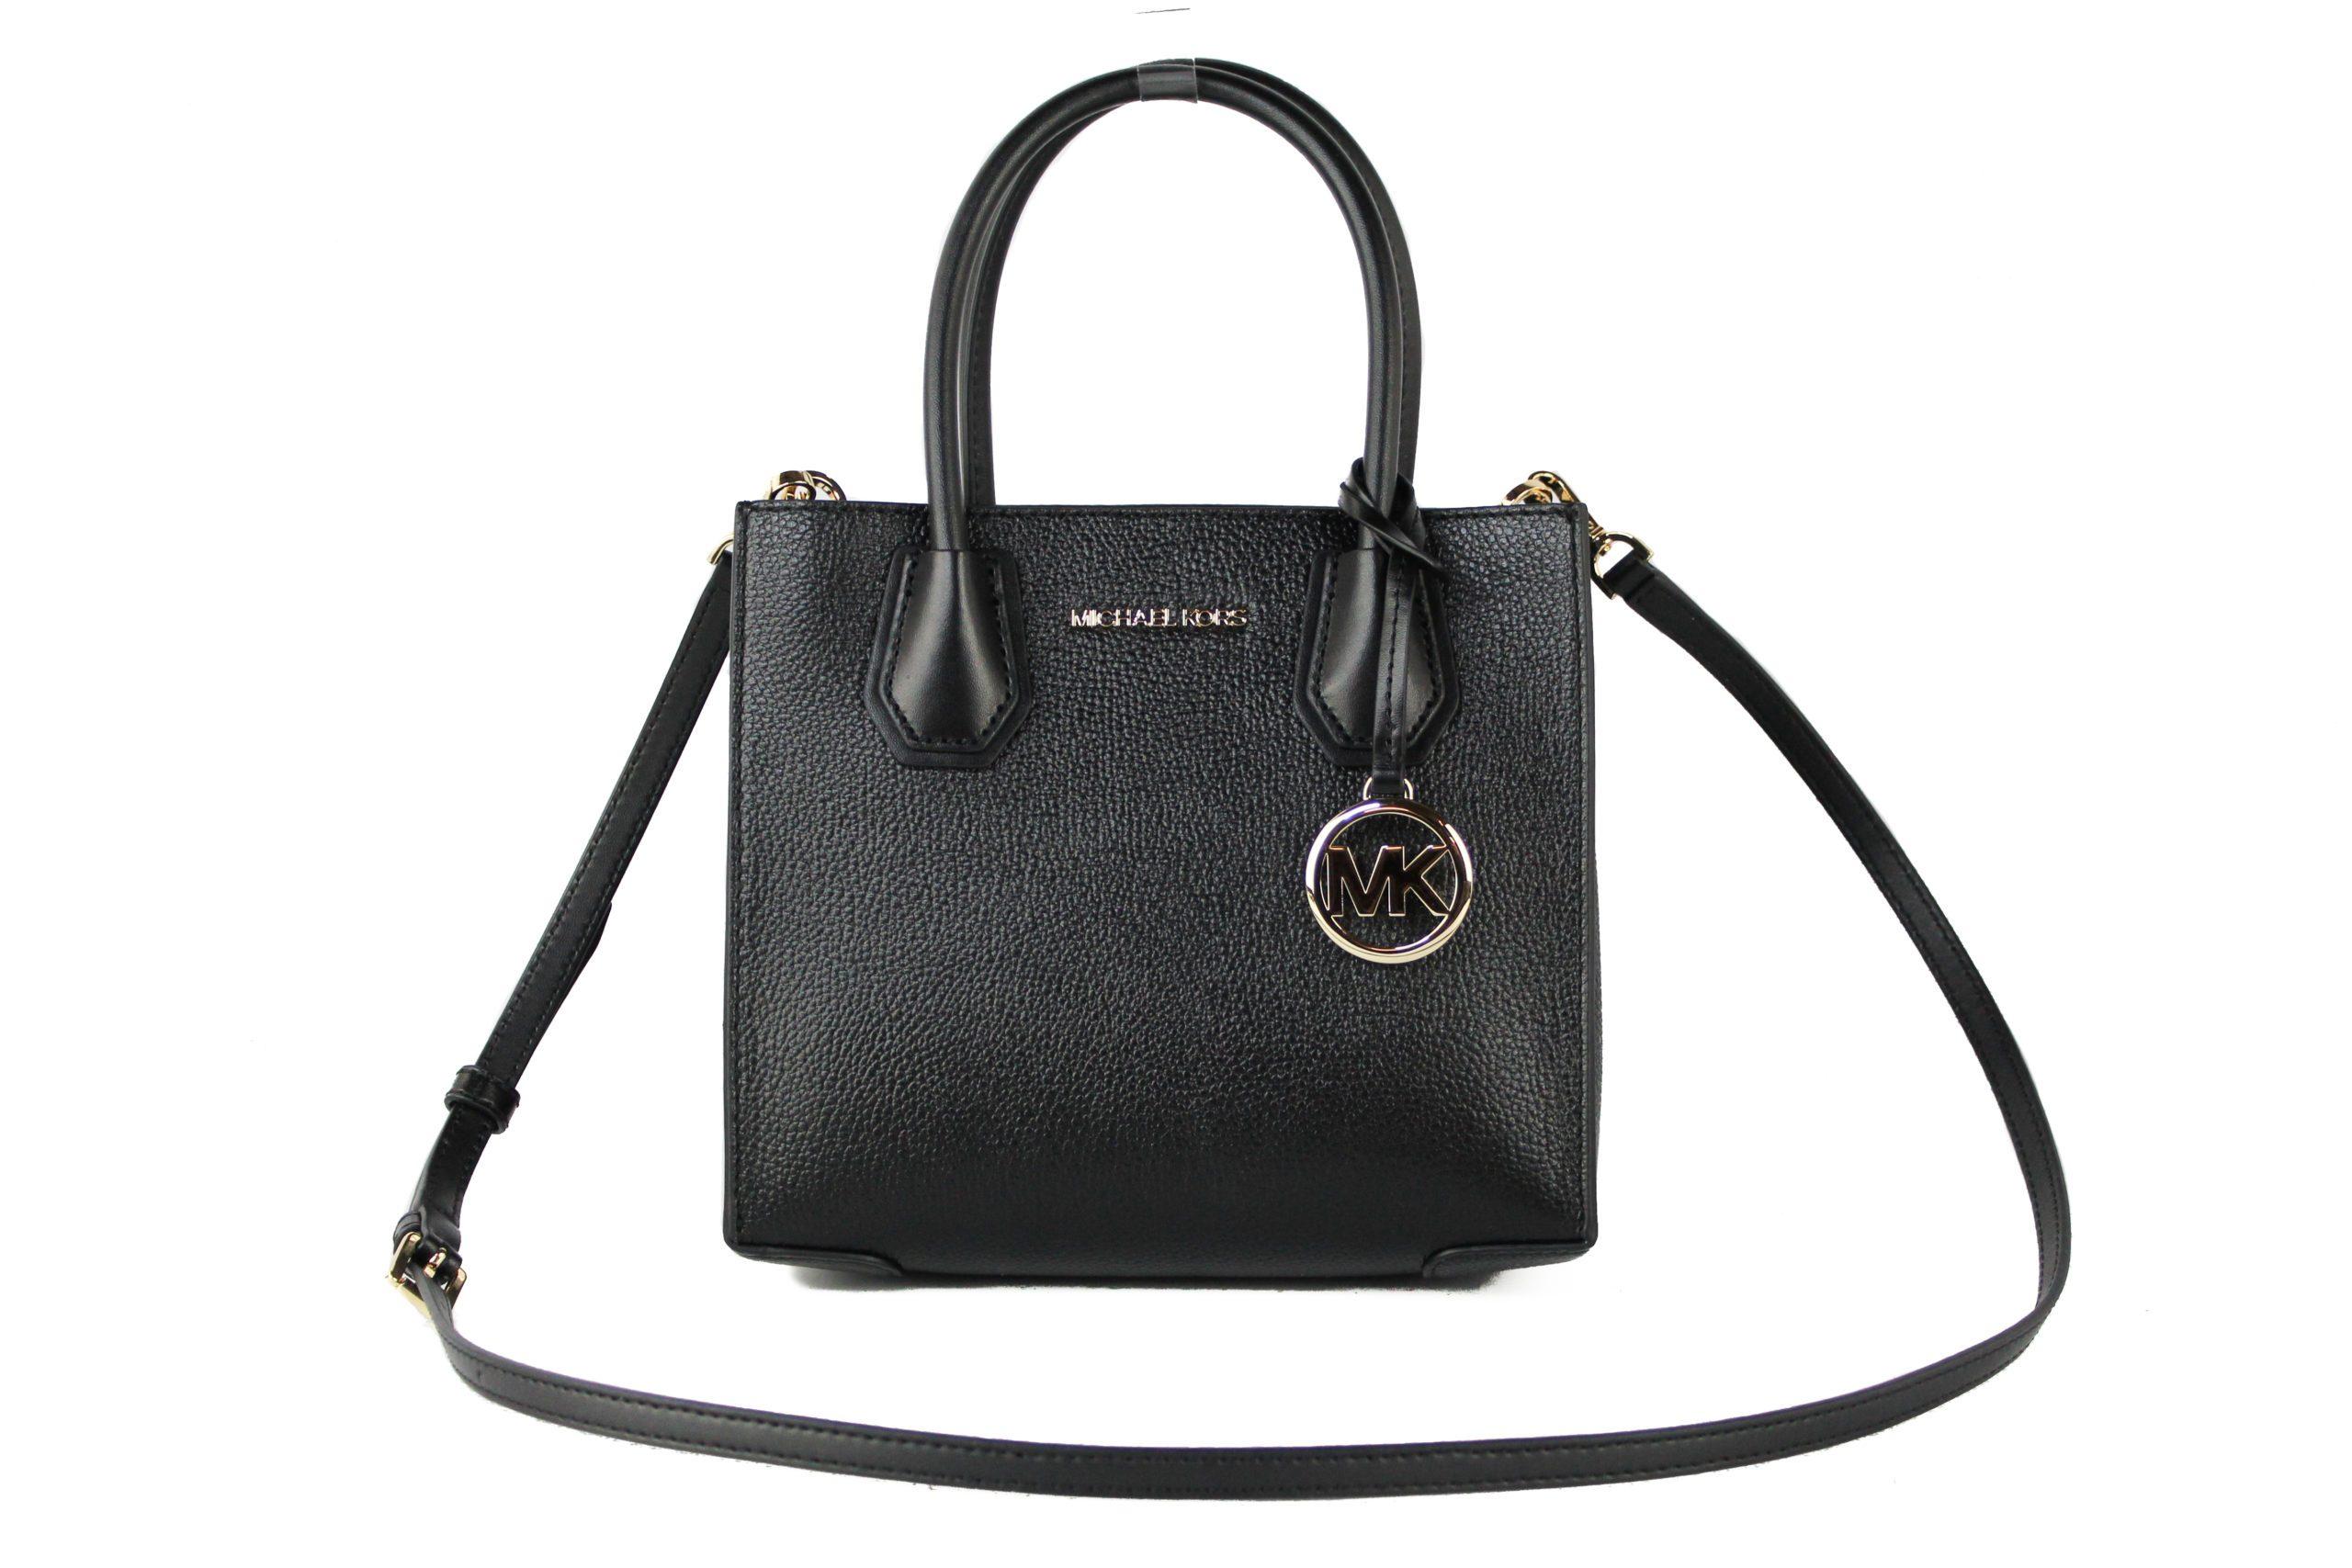 Michael Kors Women's Mercer Crossbody Bag Black 72107